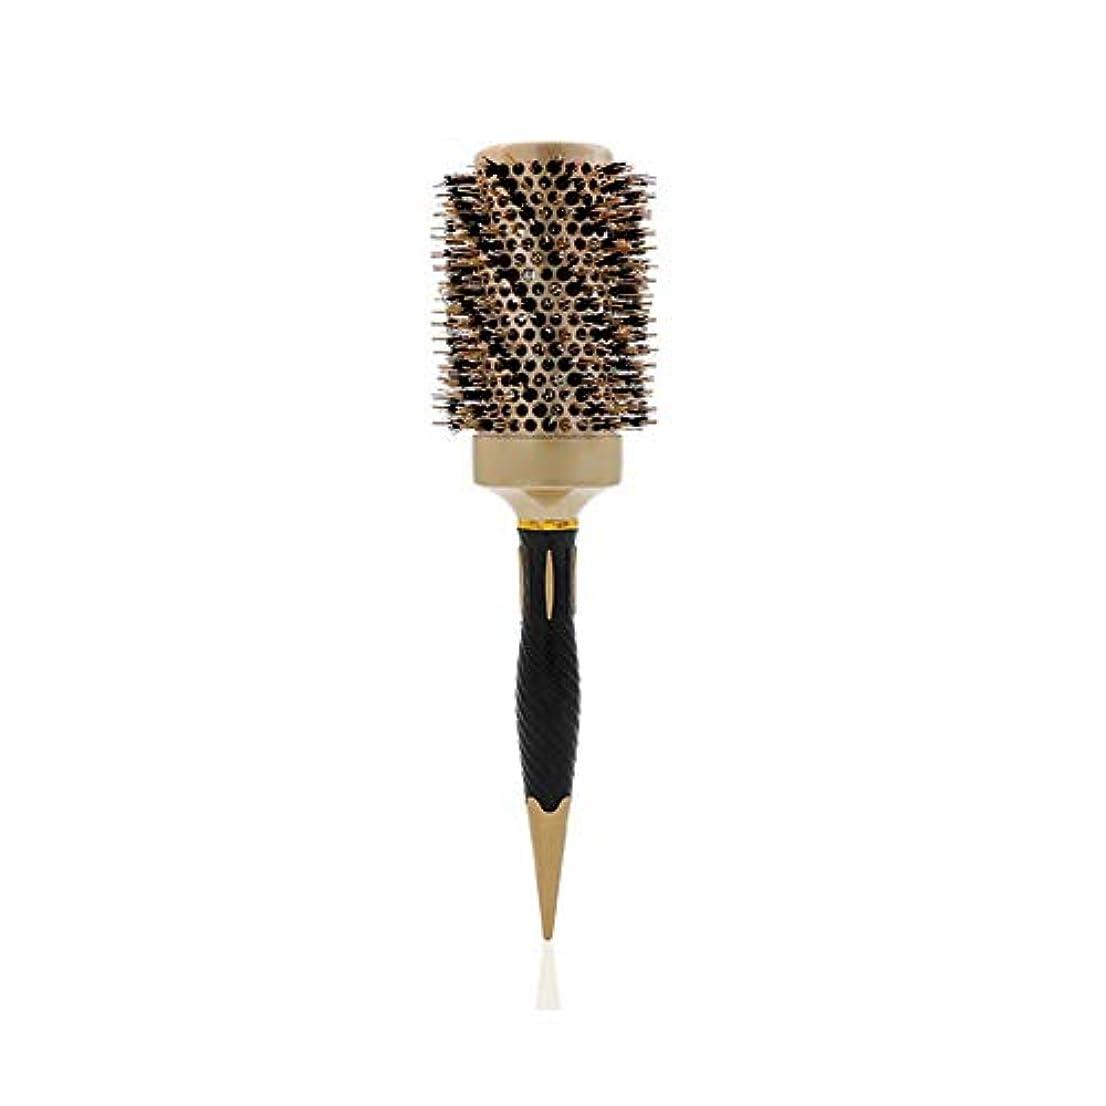 お祝い適合しました眩惑するセラミック管バケットホイール空気ヘアブラシアルミニウムヘアサロン化粧品アプリケーター53ミリコーミング円形の櫛ローラーナイロン剛毛